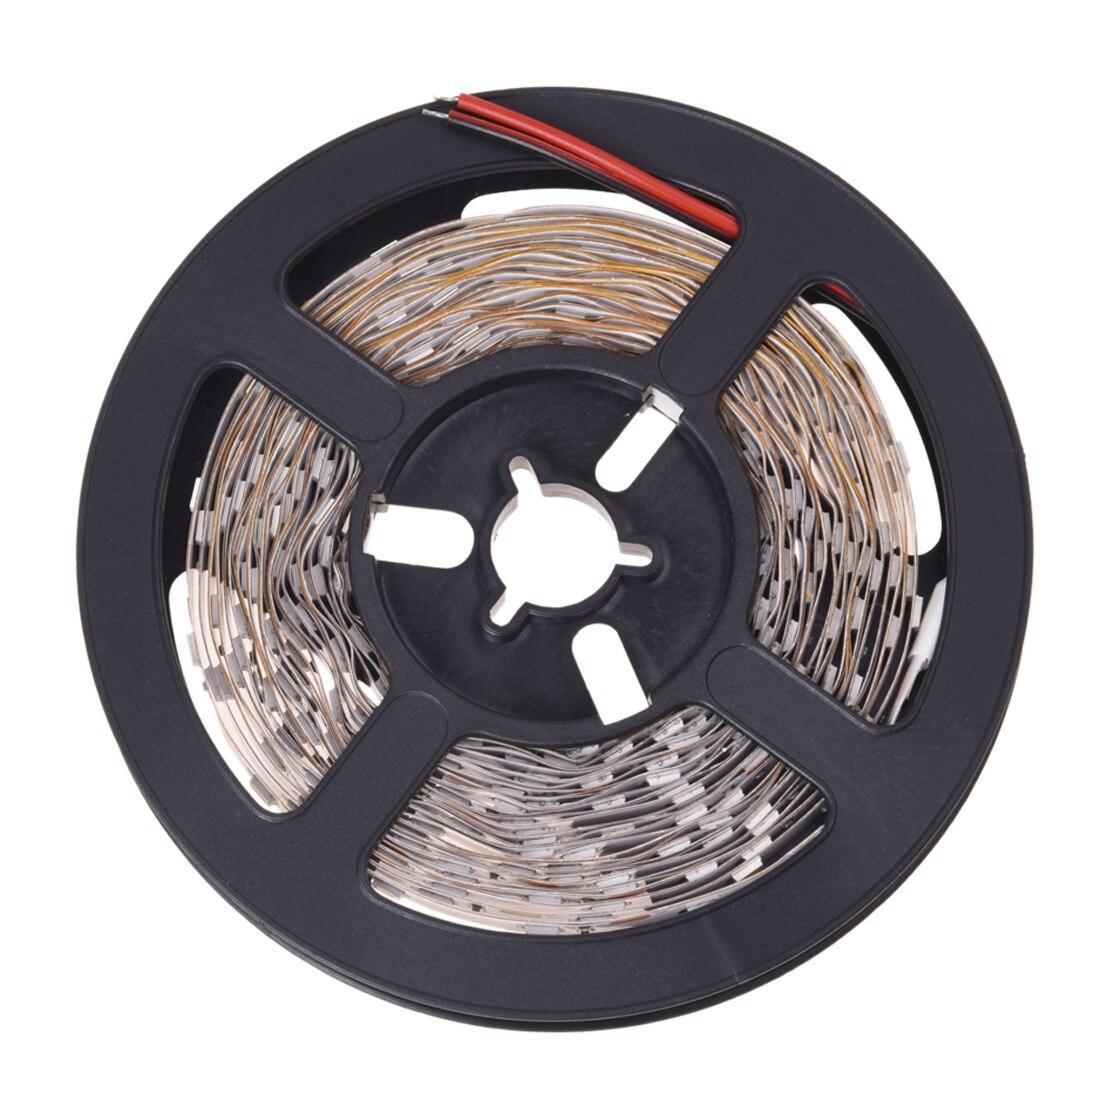 opoway flexible led strip light 300 led smd warm white 3100k led ribbon 5 meter or 16 feet12 volt 24 watt